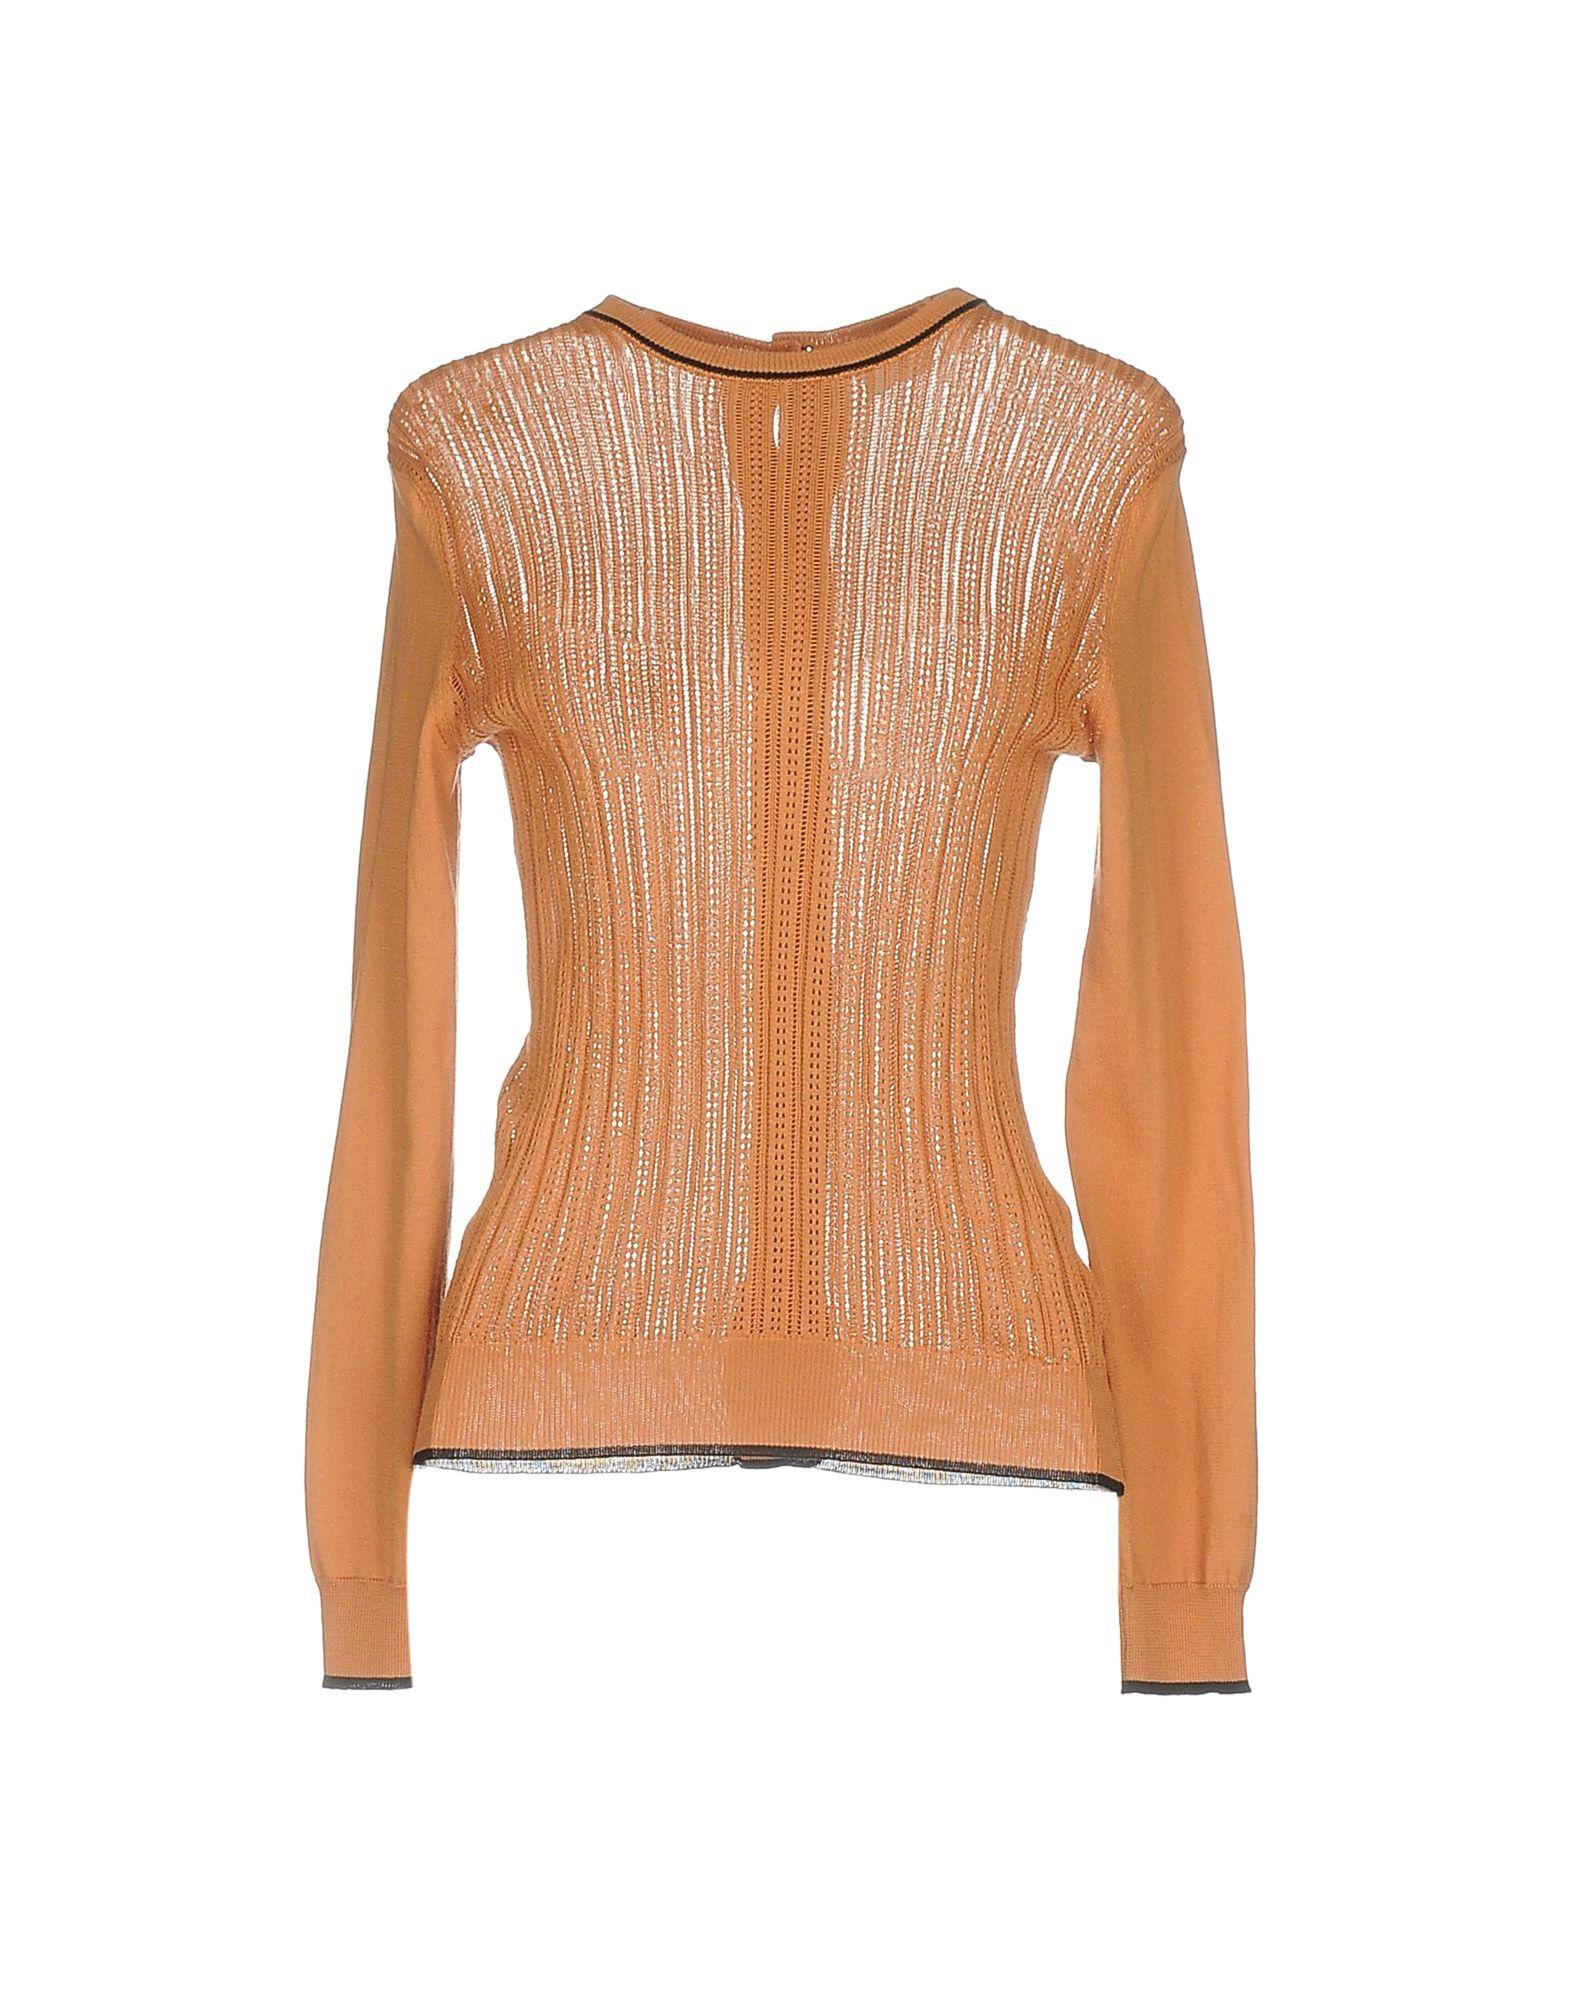 PEUTEREY Кардиган органайзер для хранения одежды homsu basic универсальный подвесной 24 х 18 5 х 9 5 см